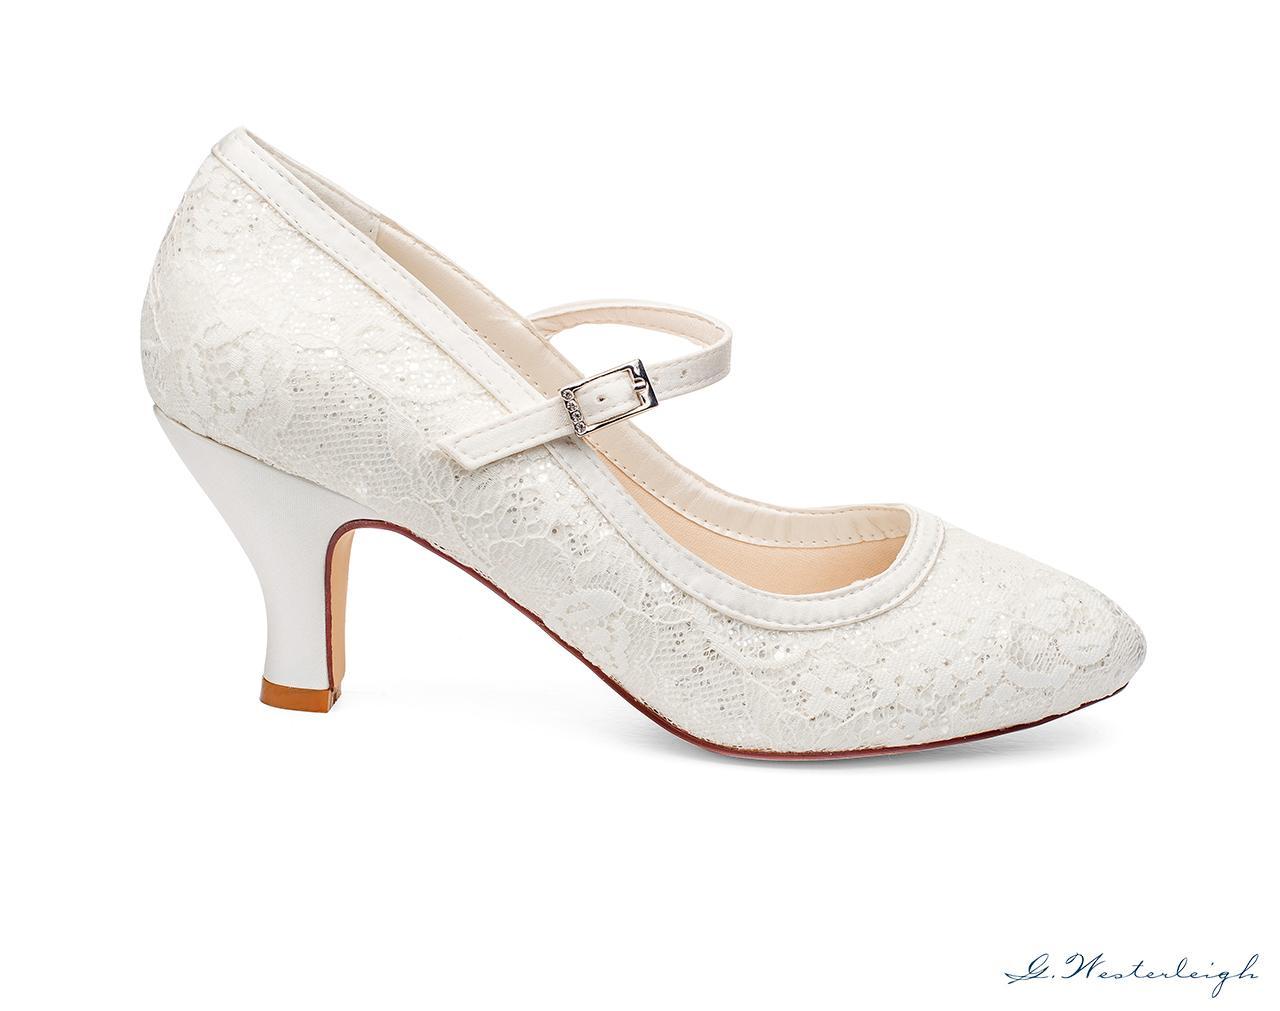 Svadobné topánky Megan - Obrázok č. 3